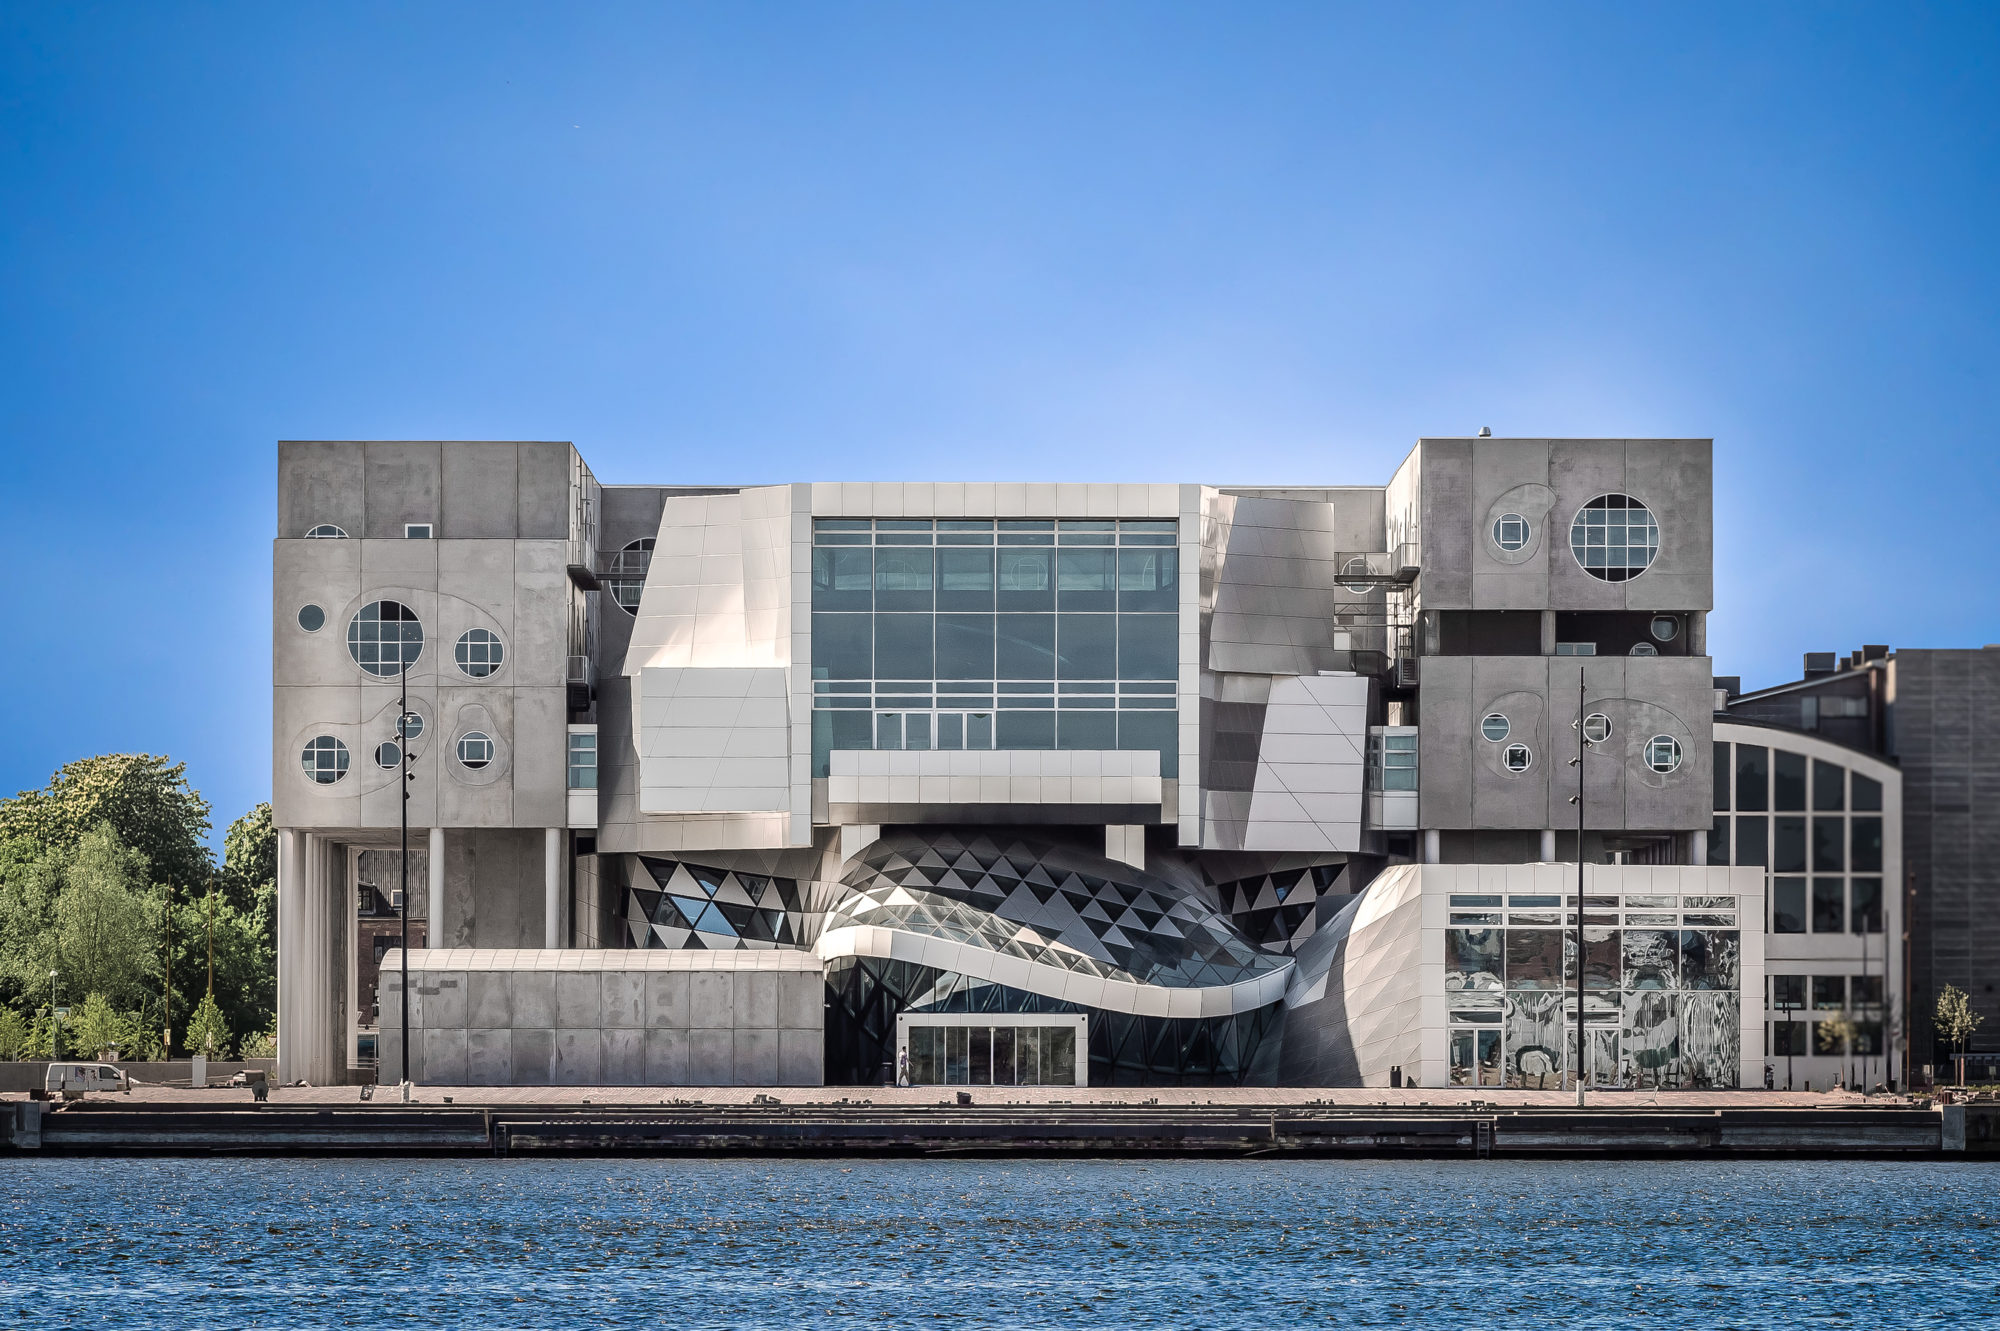 Særegent. Meningene er mange om bygget, slik det gjerne er omkring spesielle bygg. Musikkens Hus er tegnet av det østerrikske arkitektfirmaet COOP HIMMELB(L)AU. Foto: Visit Aalborg.